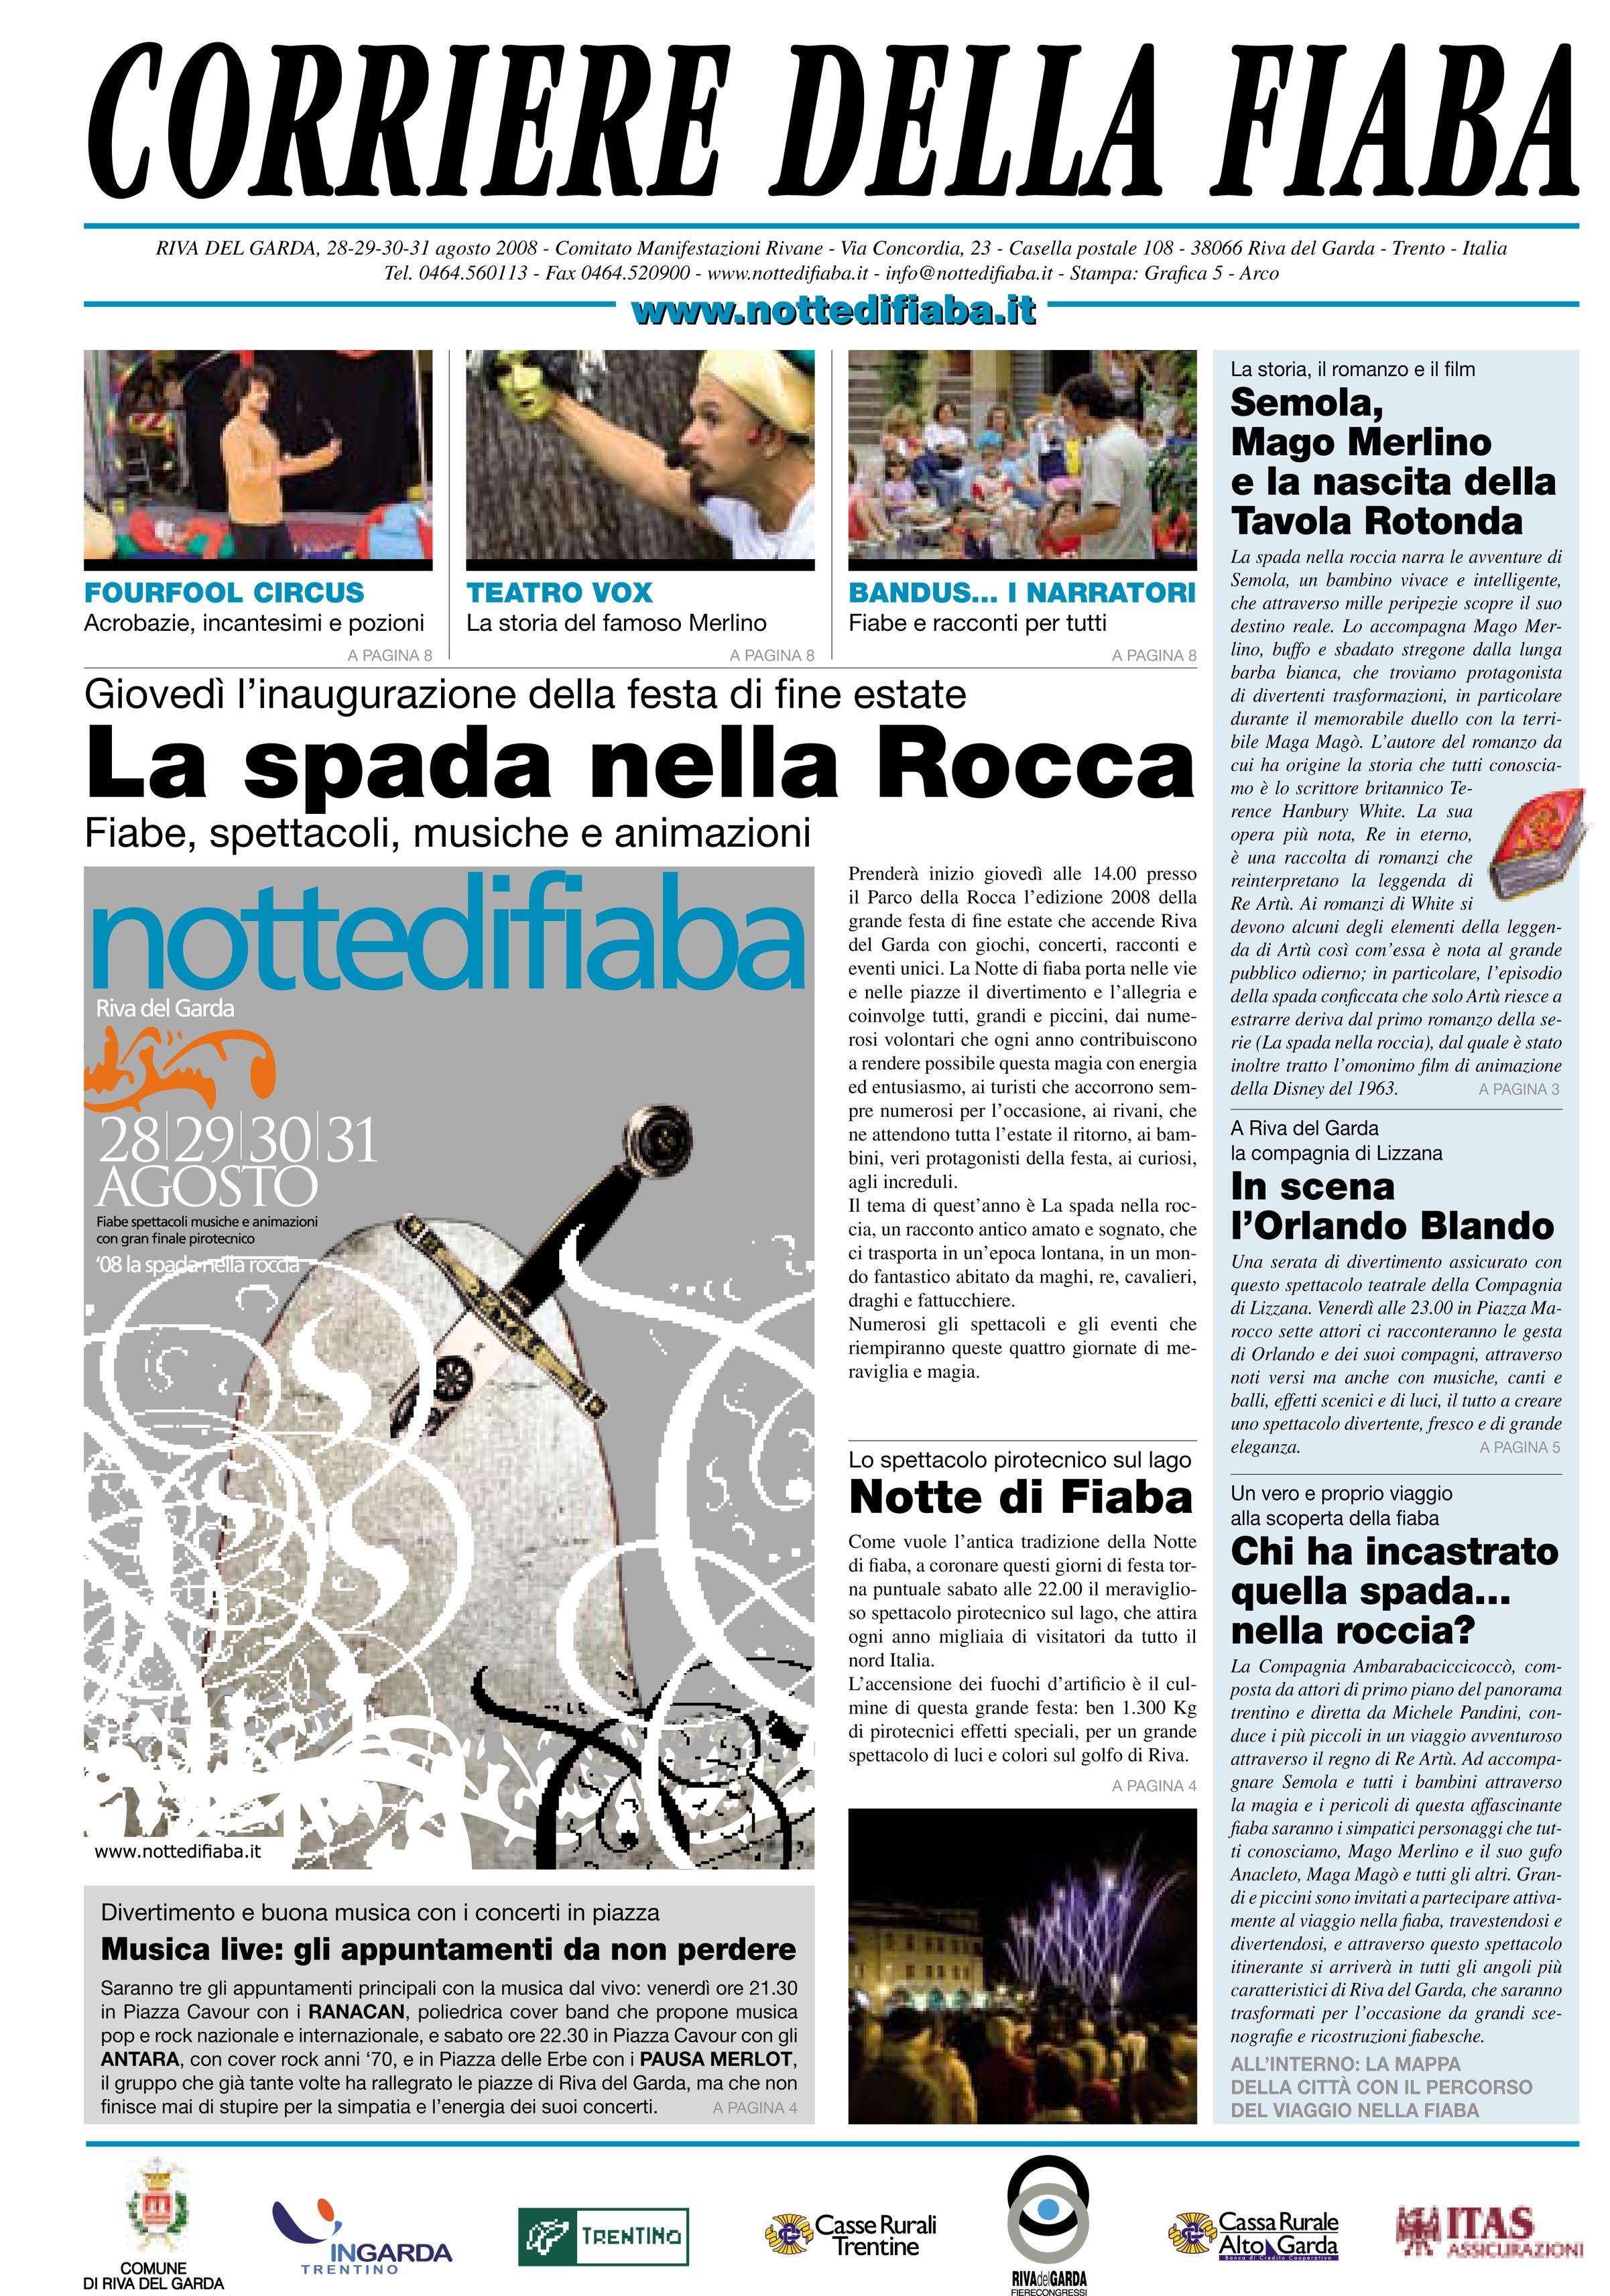 Corriere della fiaba 2008